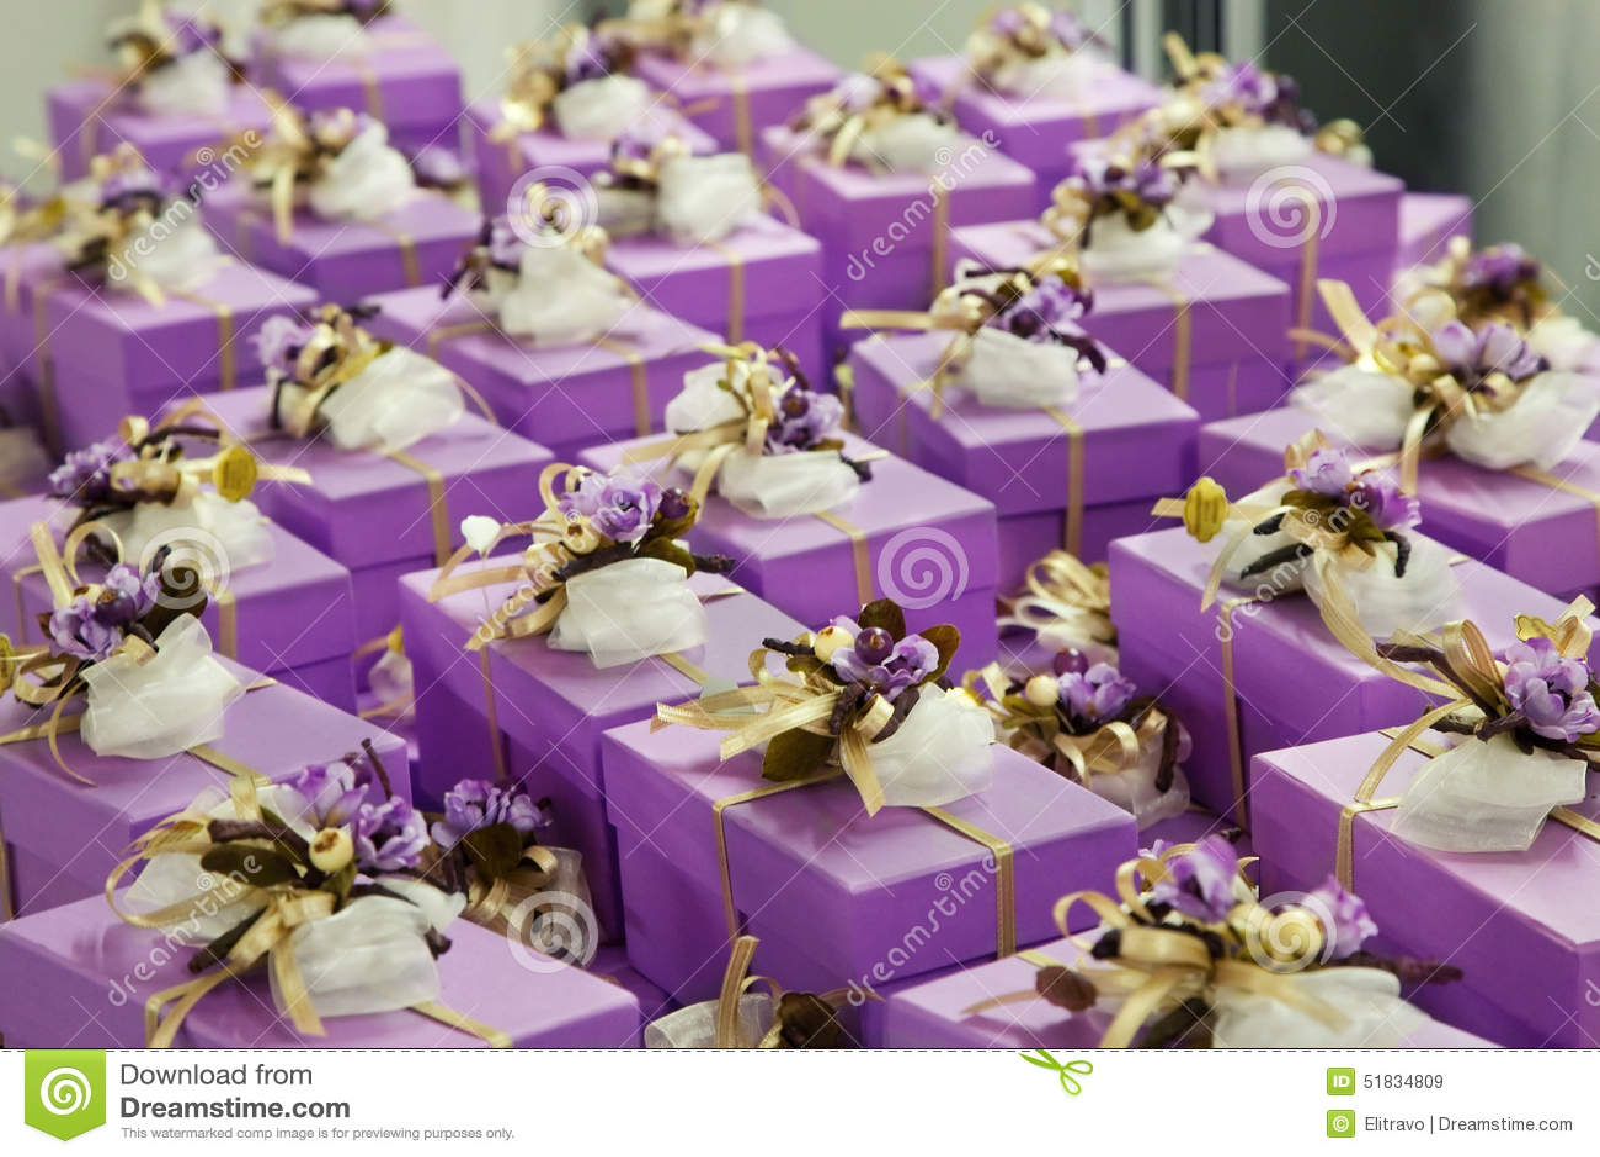 Hochzeitsgeschenke Fur Gast Stockbild Bild Von Gaste Abschluss